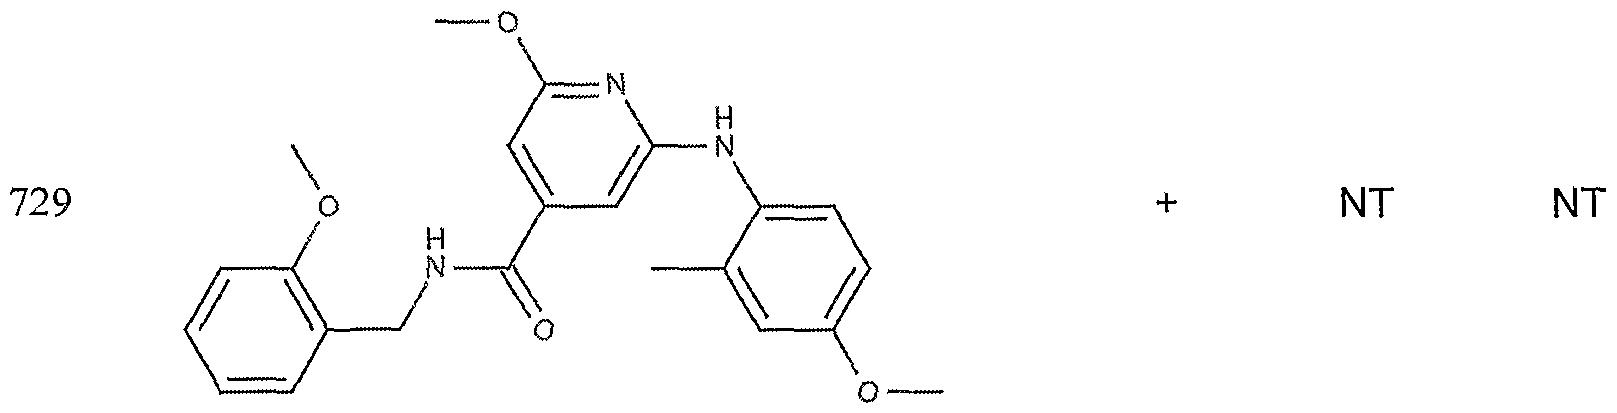 Figure imgf000273_0003